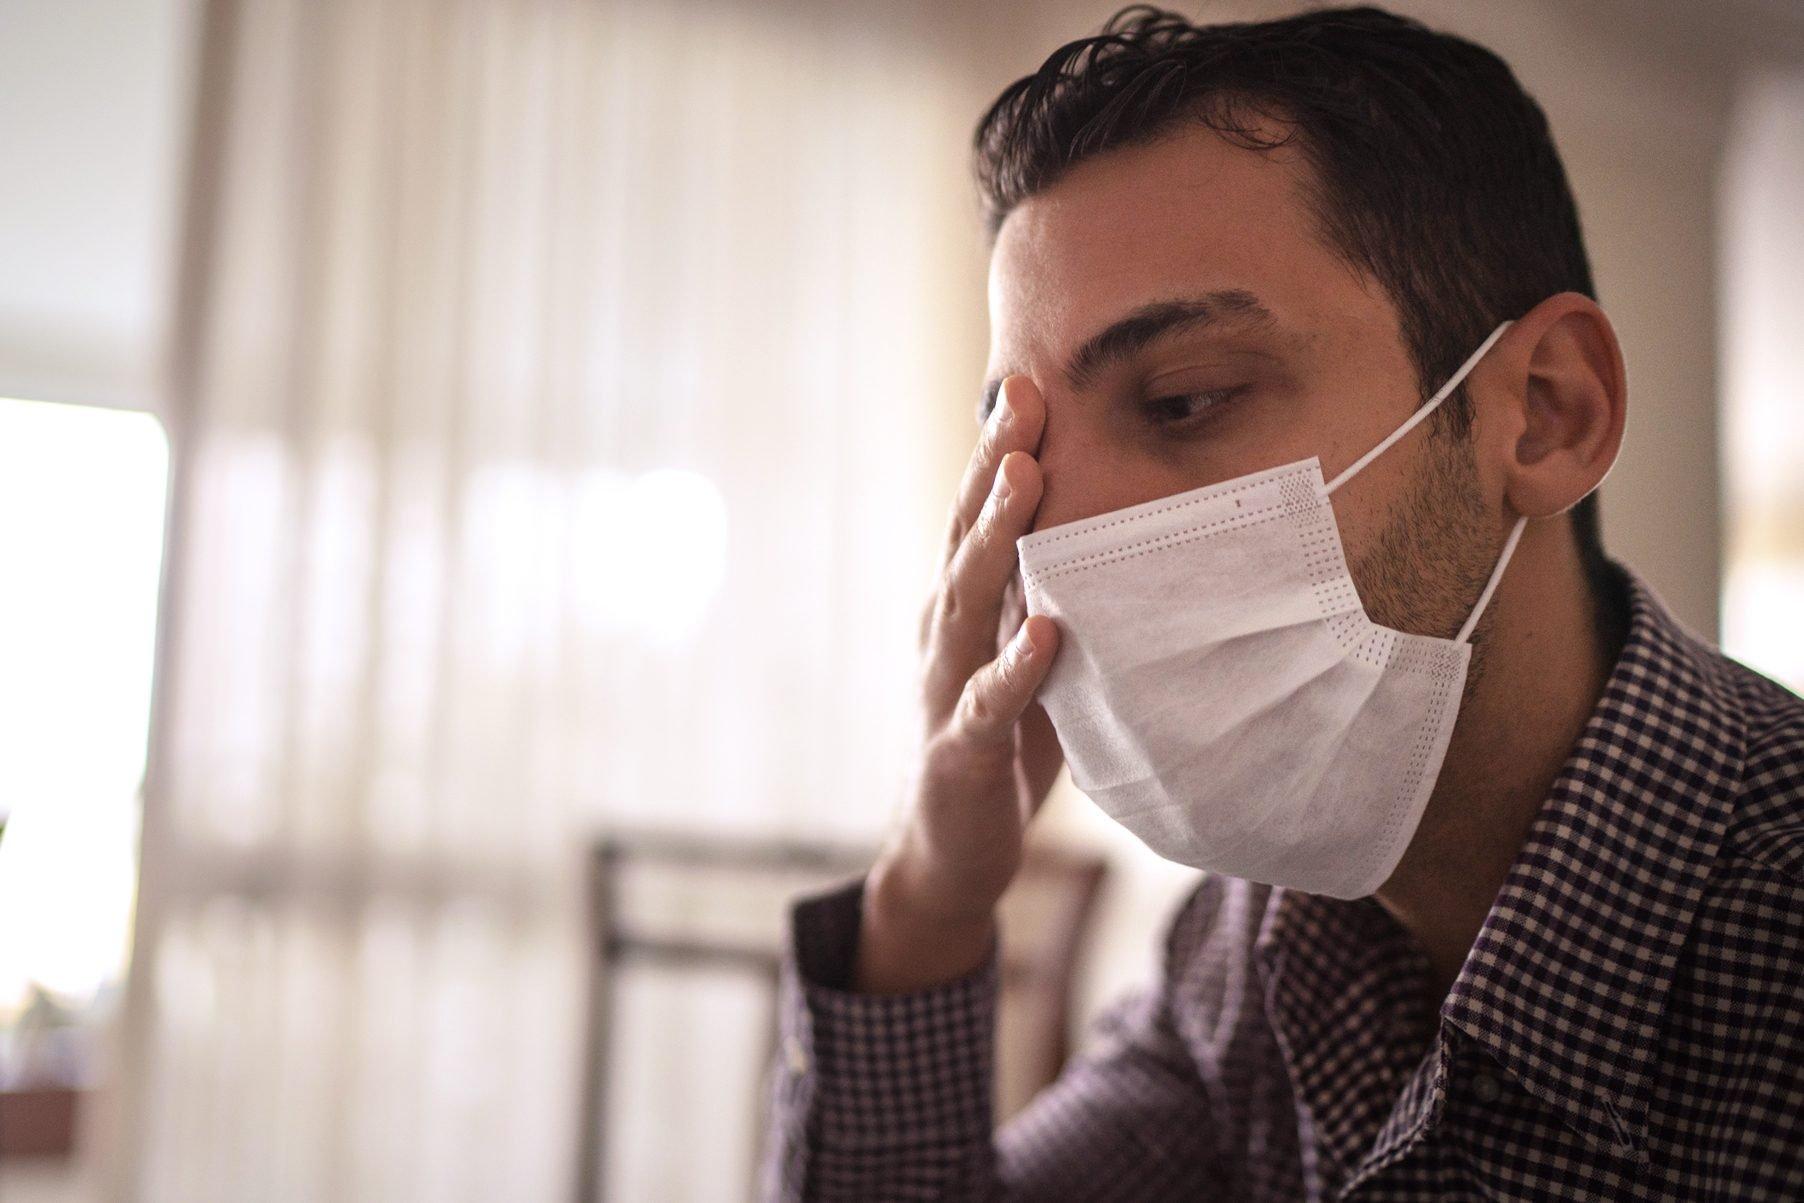 man wearing face mask and touching eye